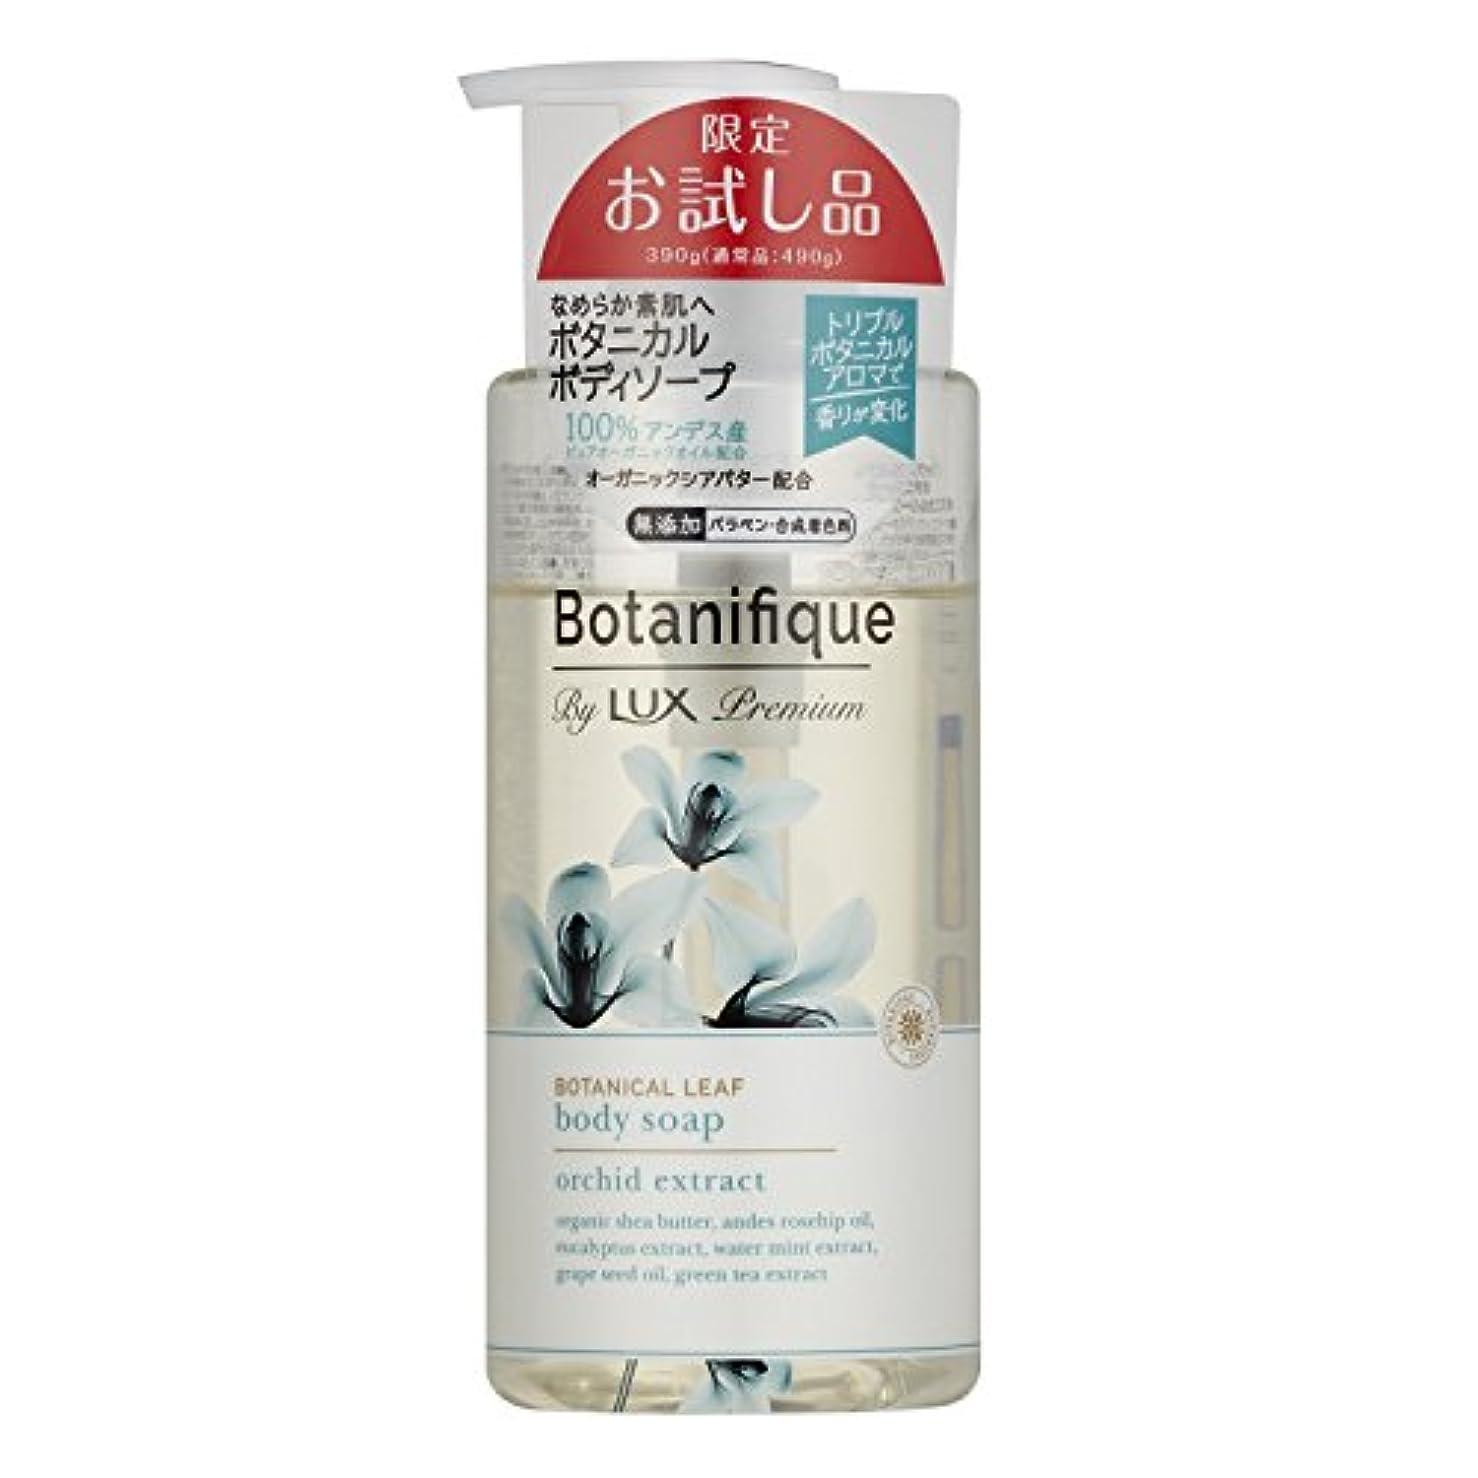 お祝いリンケージ結核ラックス プレミアム ボタニフィーク ボタニカルリーフ ボディソープ ポンプ(ボタニカルリーフの香り) お試し品 390g